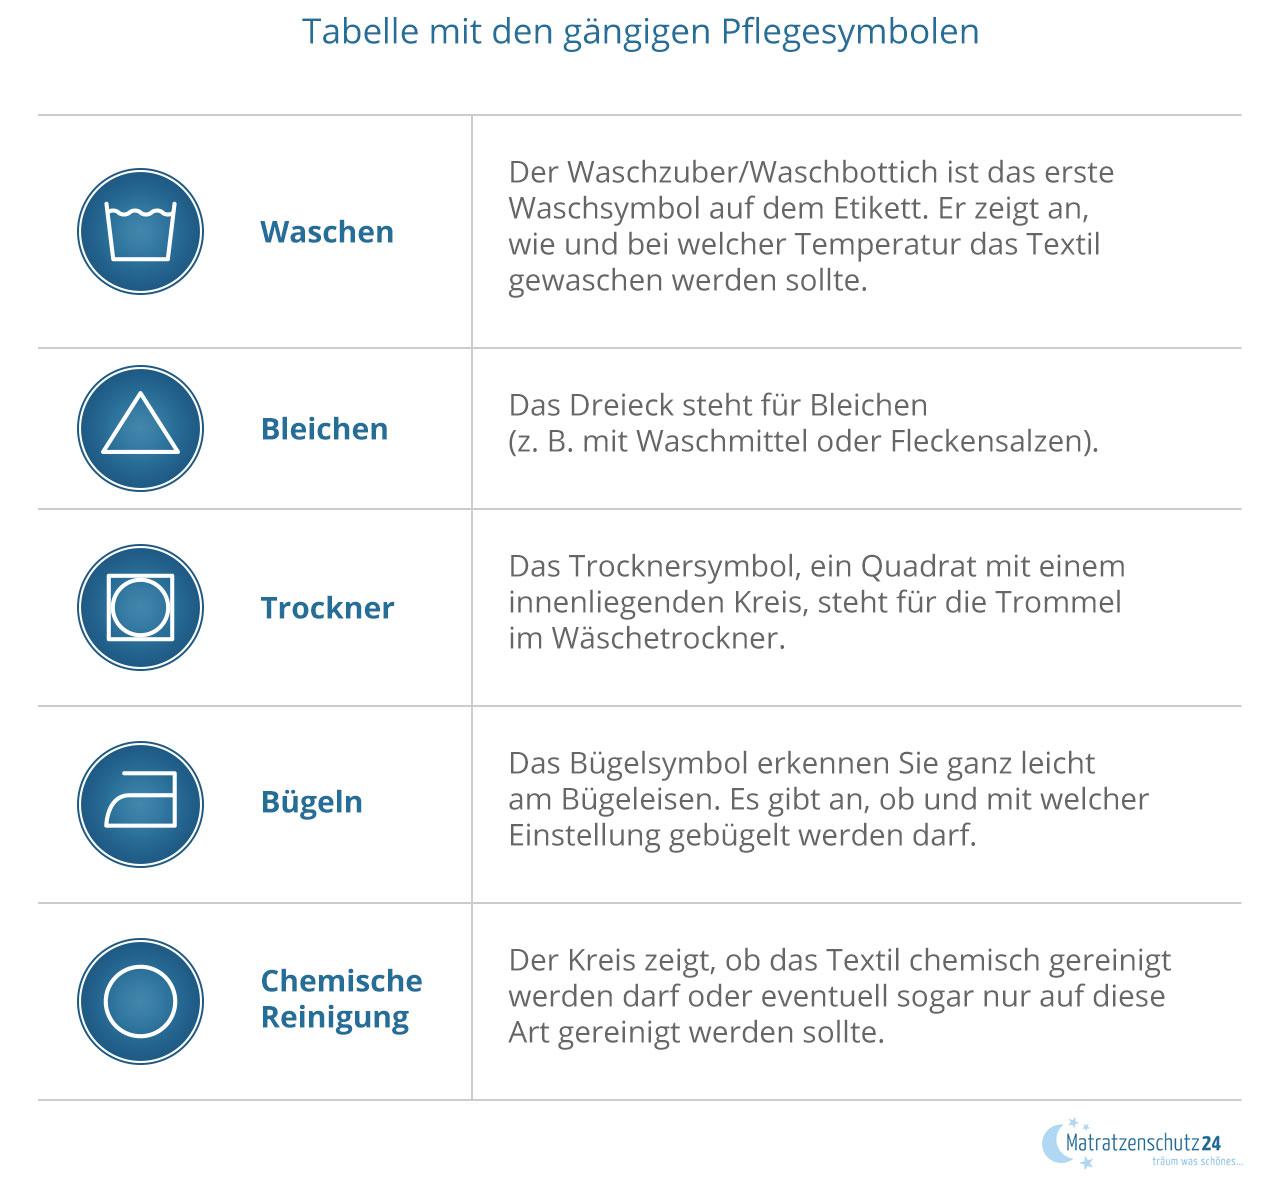 Tabelle mit den gängigen Pflegesymbolen